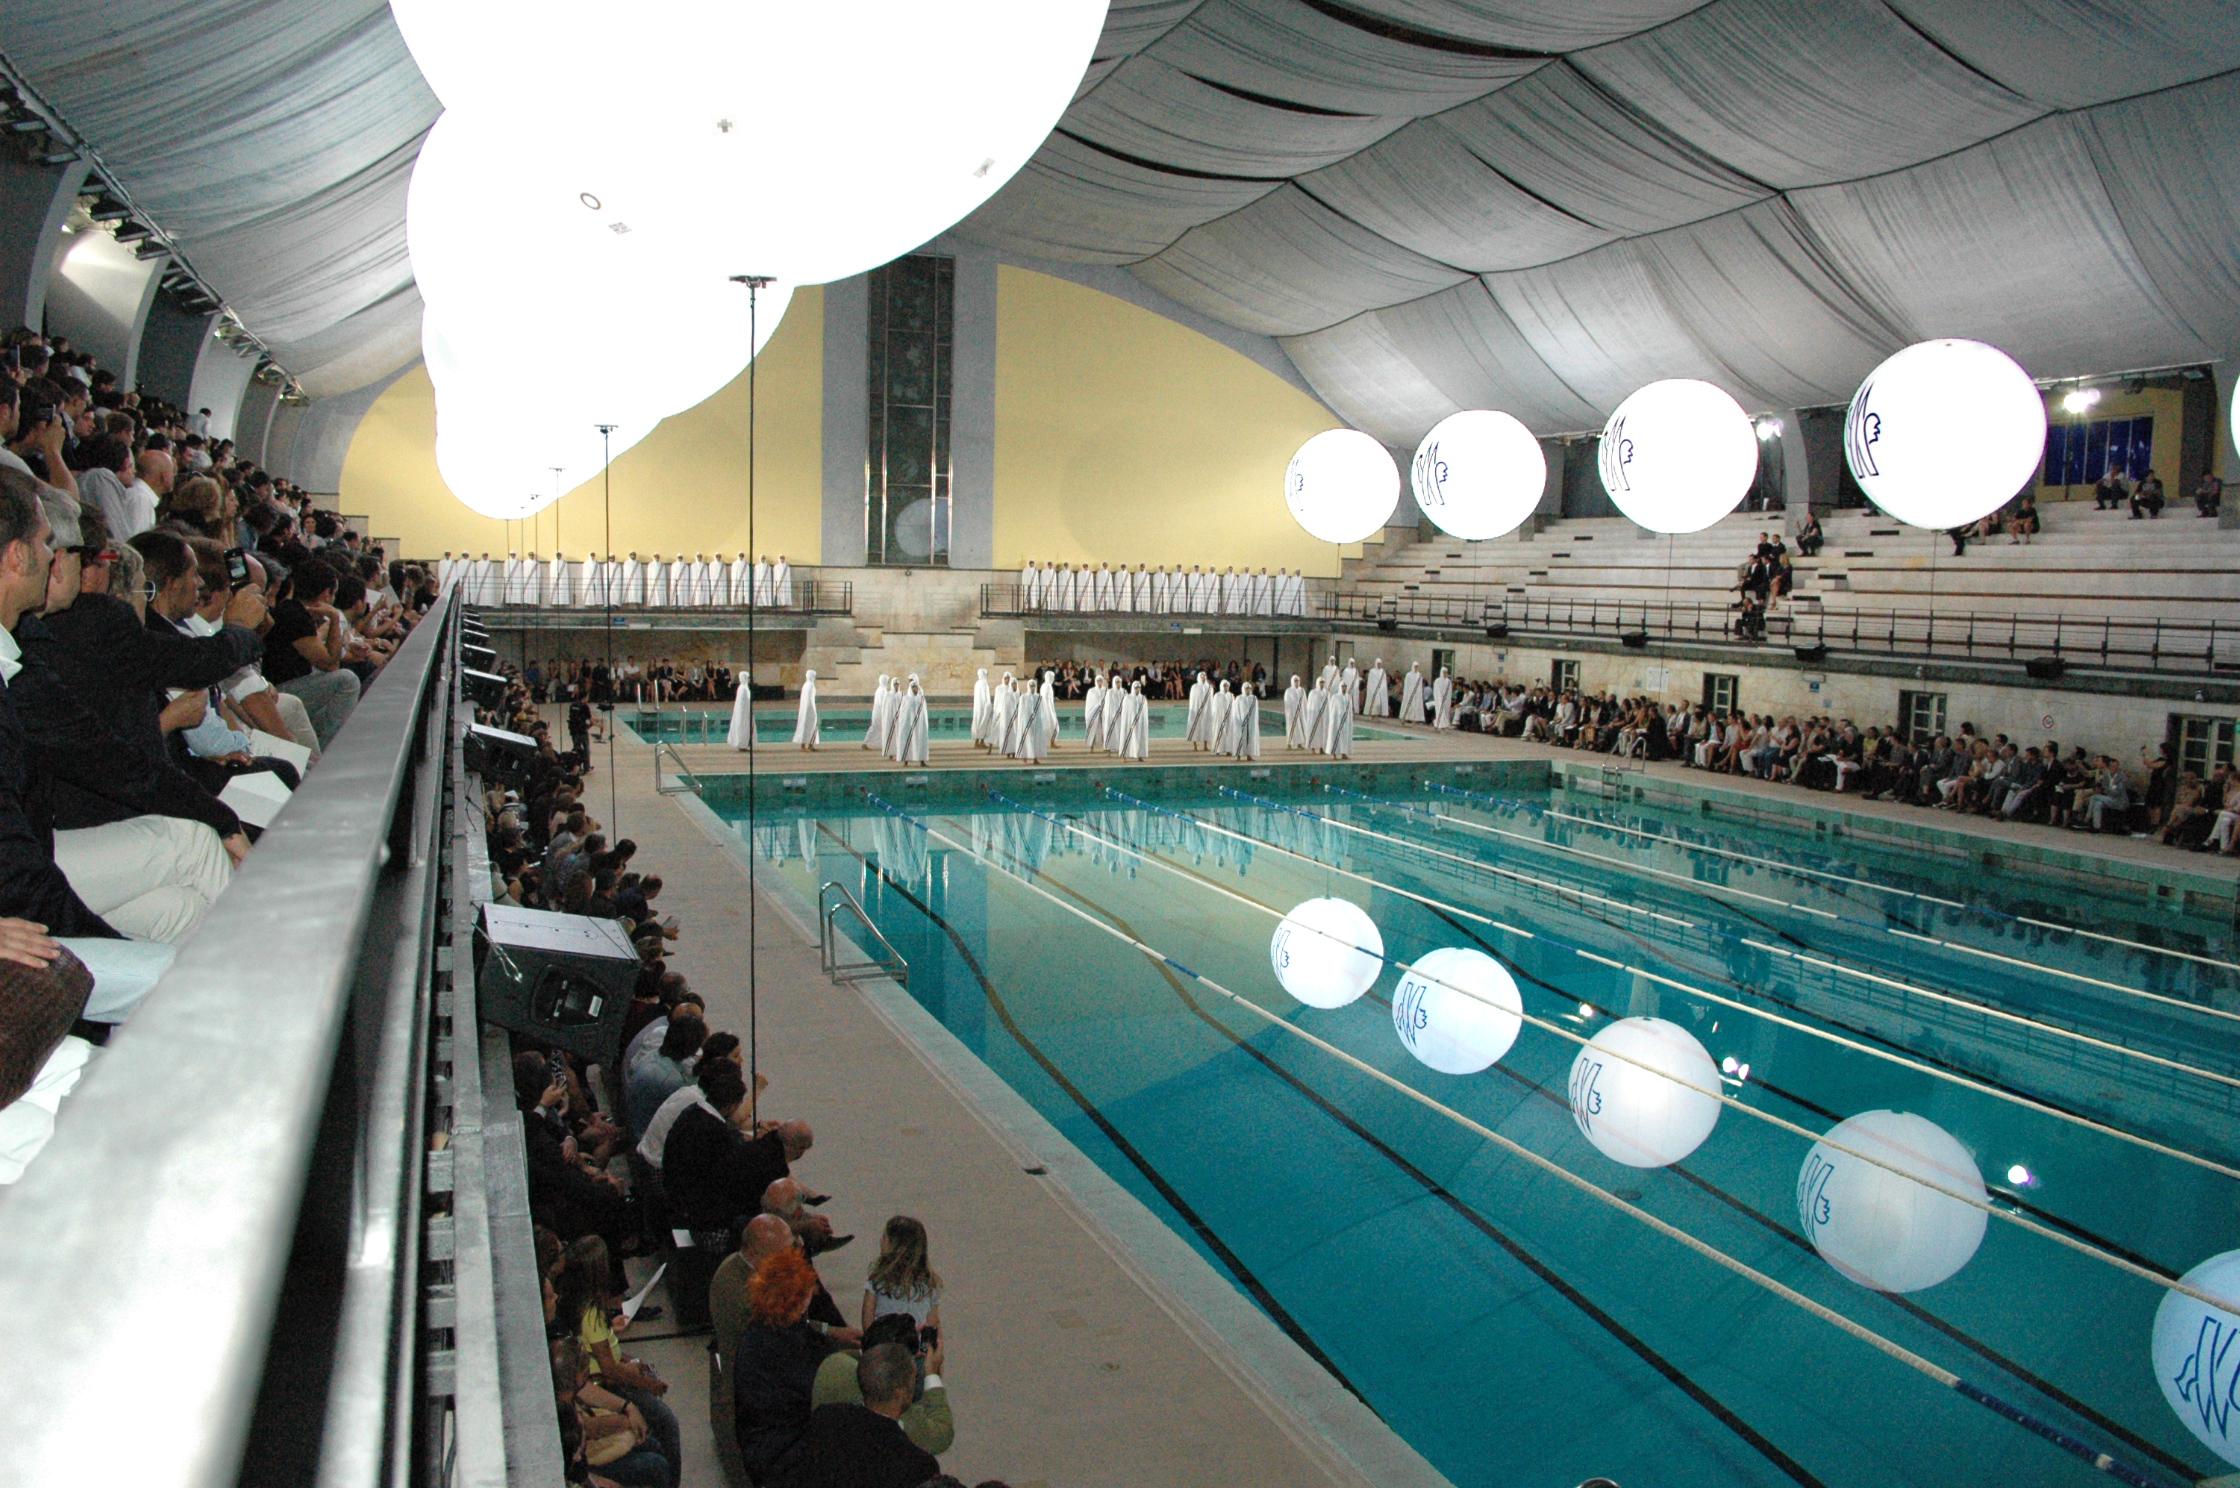 saini milano corsi di nuoto arezzo - photo#50